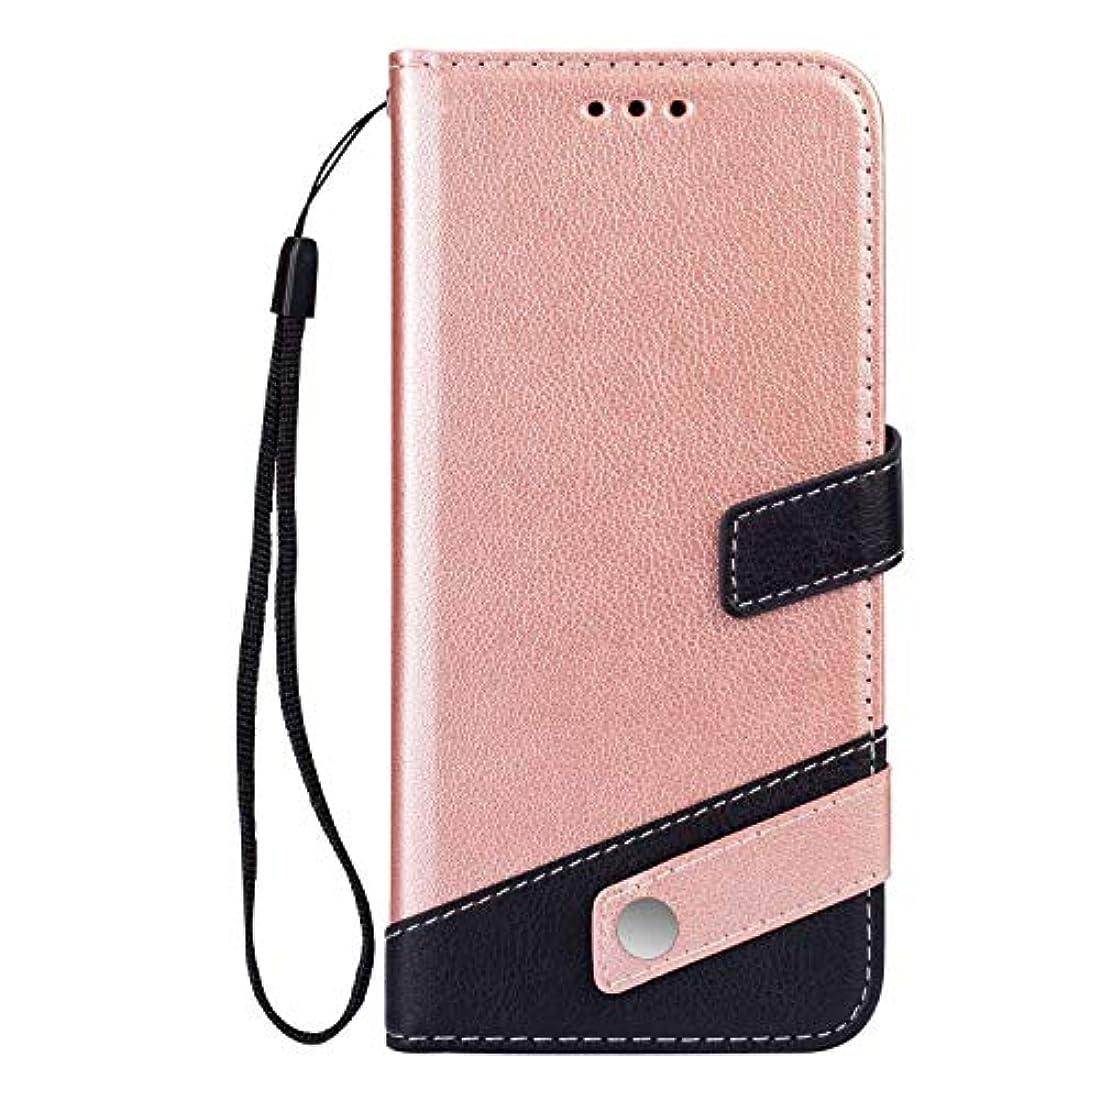 ライム原因創始者Galaxy S10 ケース OMATENTI 手帳型ケース PUレザー 磁石タイプ ストラップホール付き 全面保護 液晶保護 耐衝撃 財布型 耐久性 薄型 スマホケース, ピンク